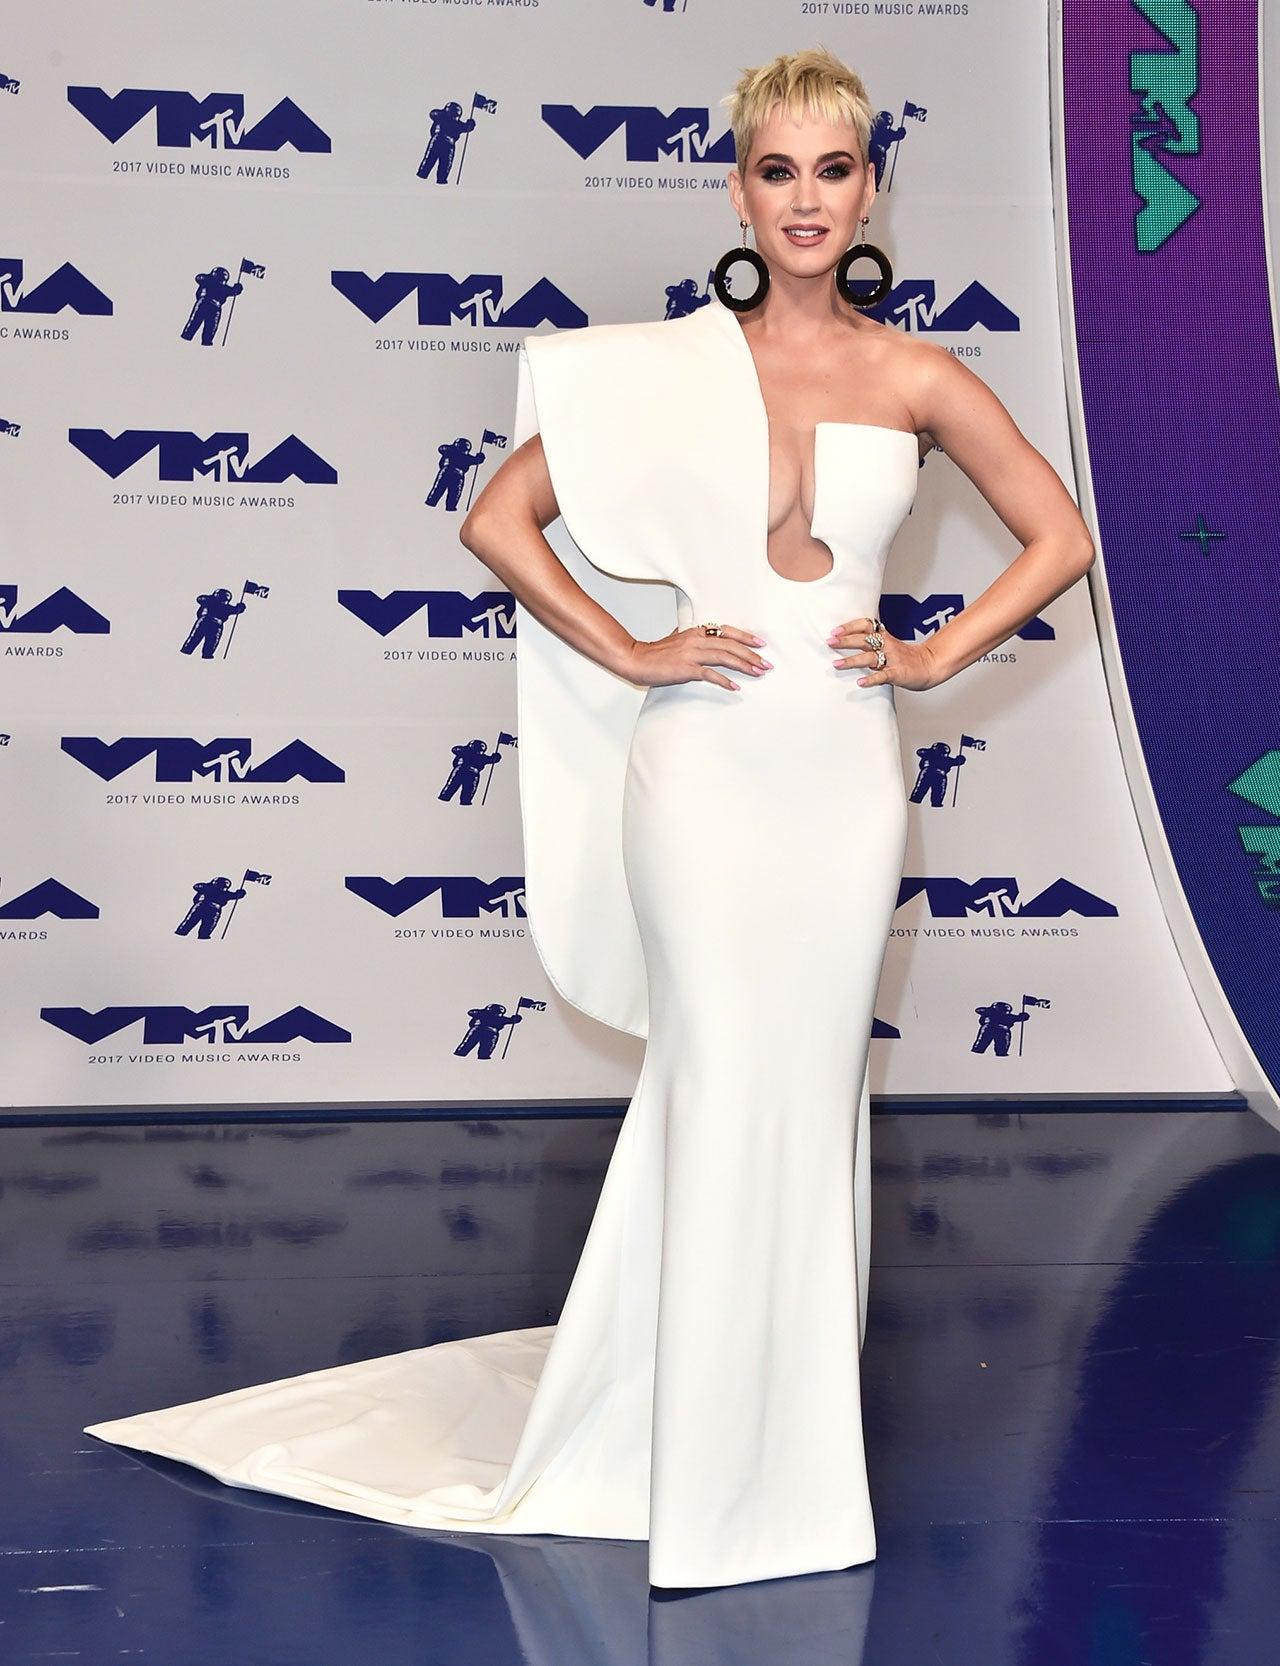 Katy Perry at 2017 VMAs